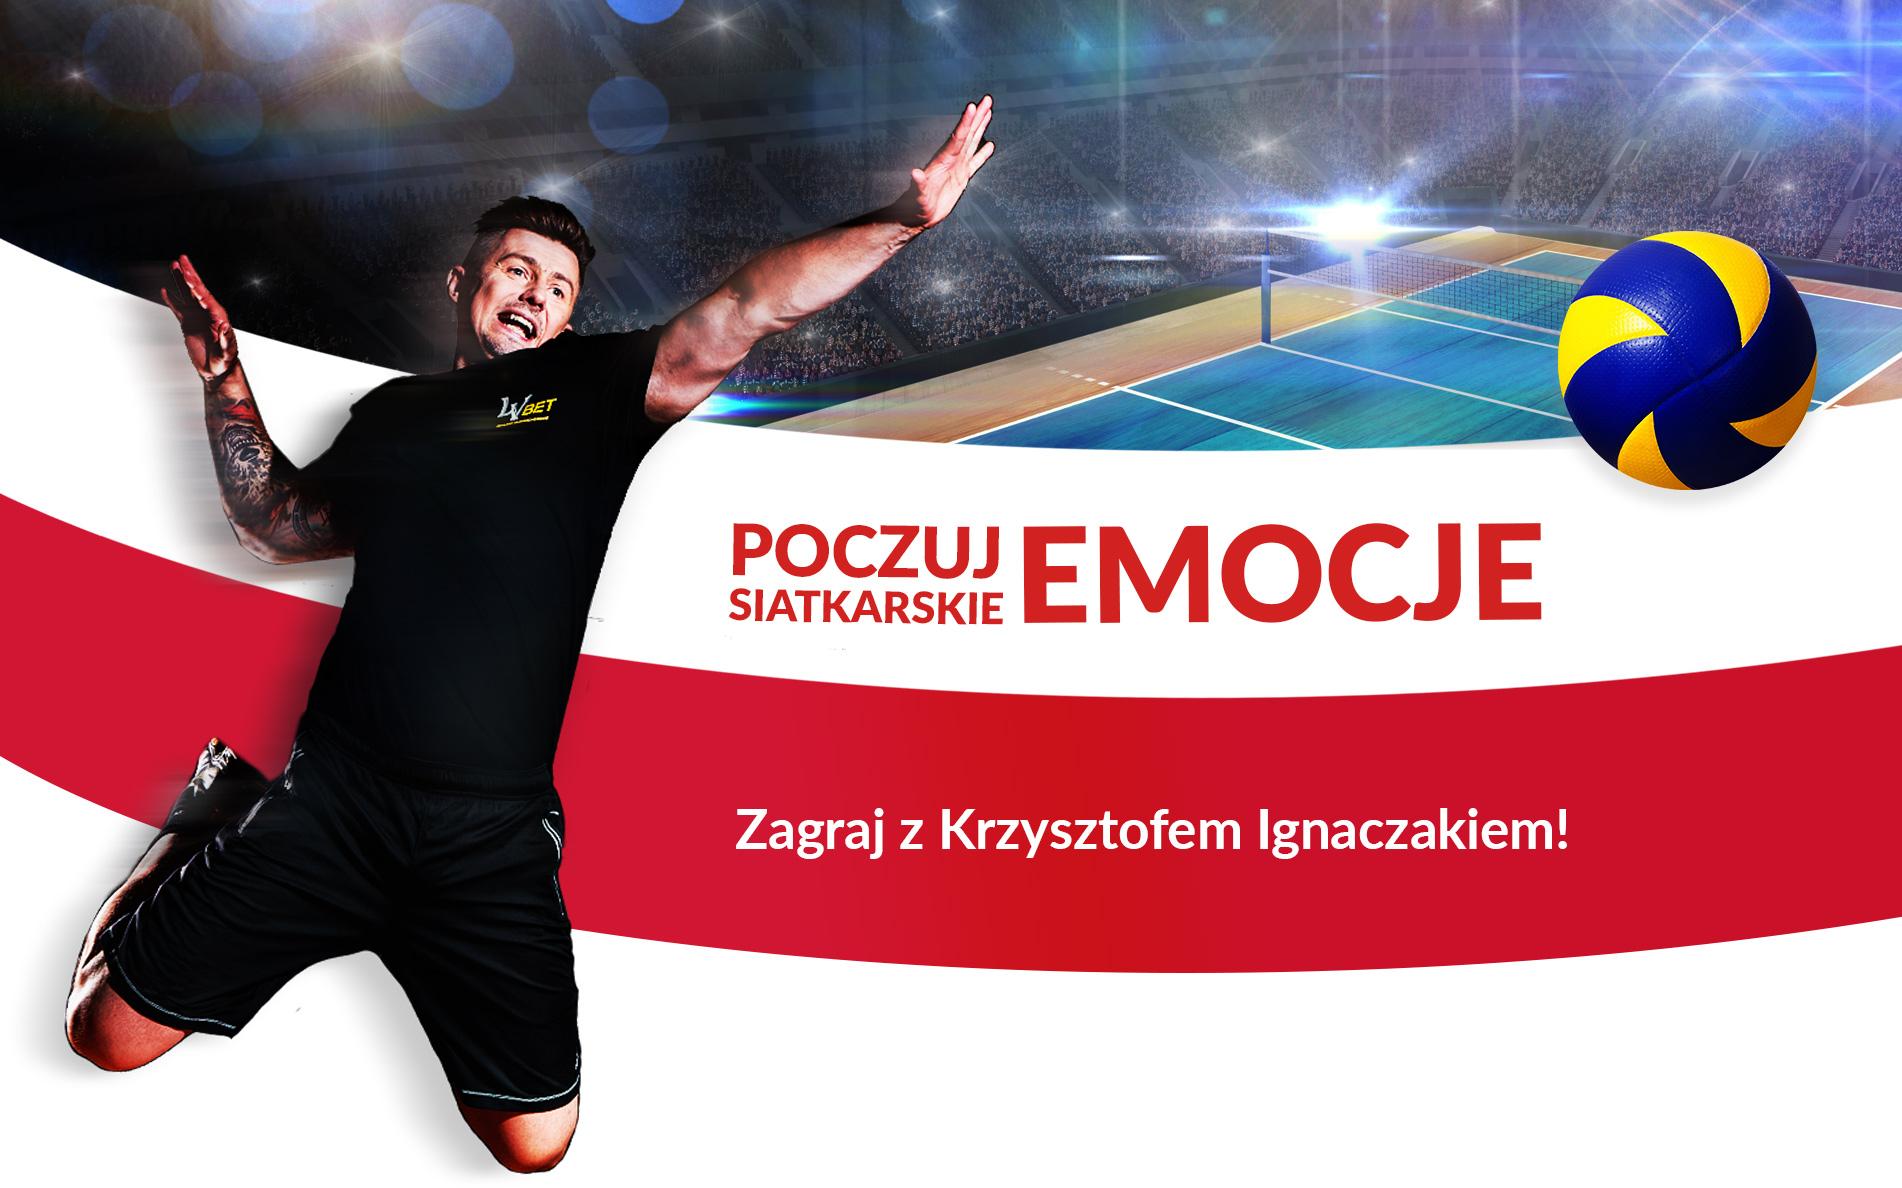 Zagraj z Krzysztofem Ignaczakiem